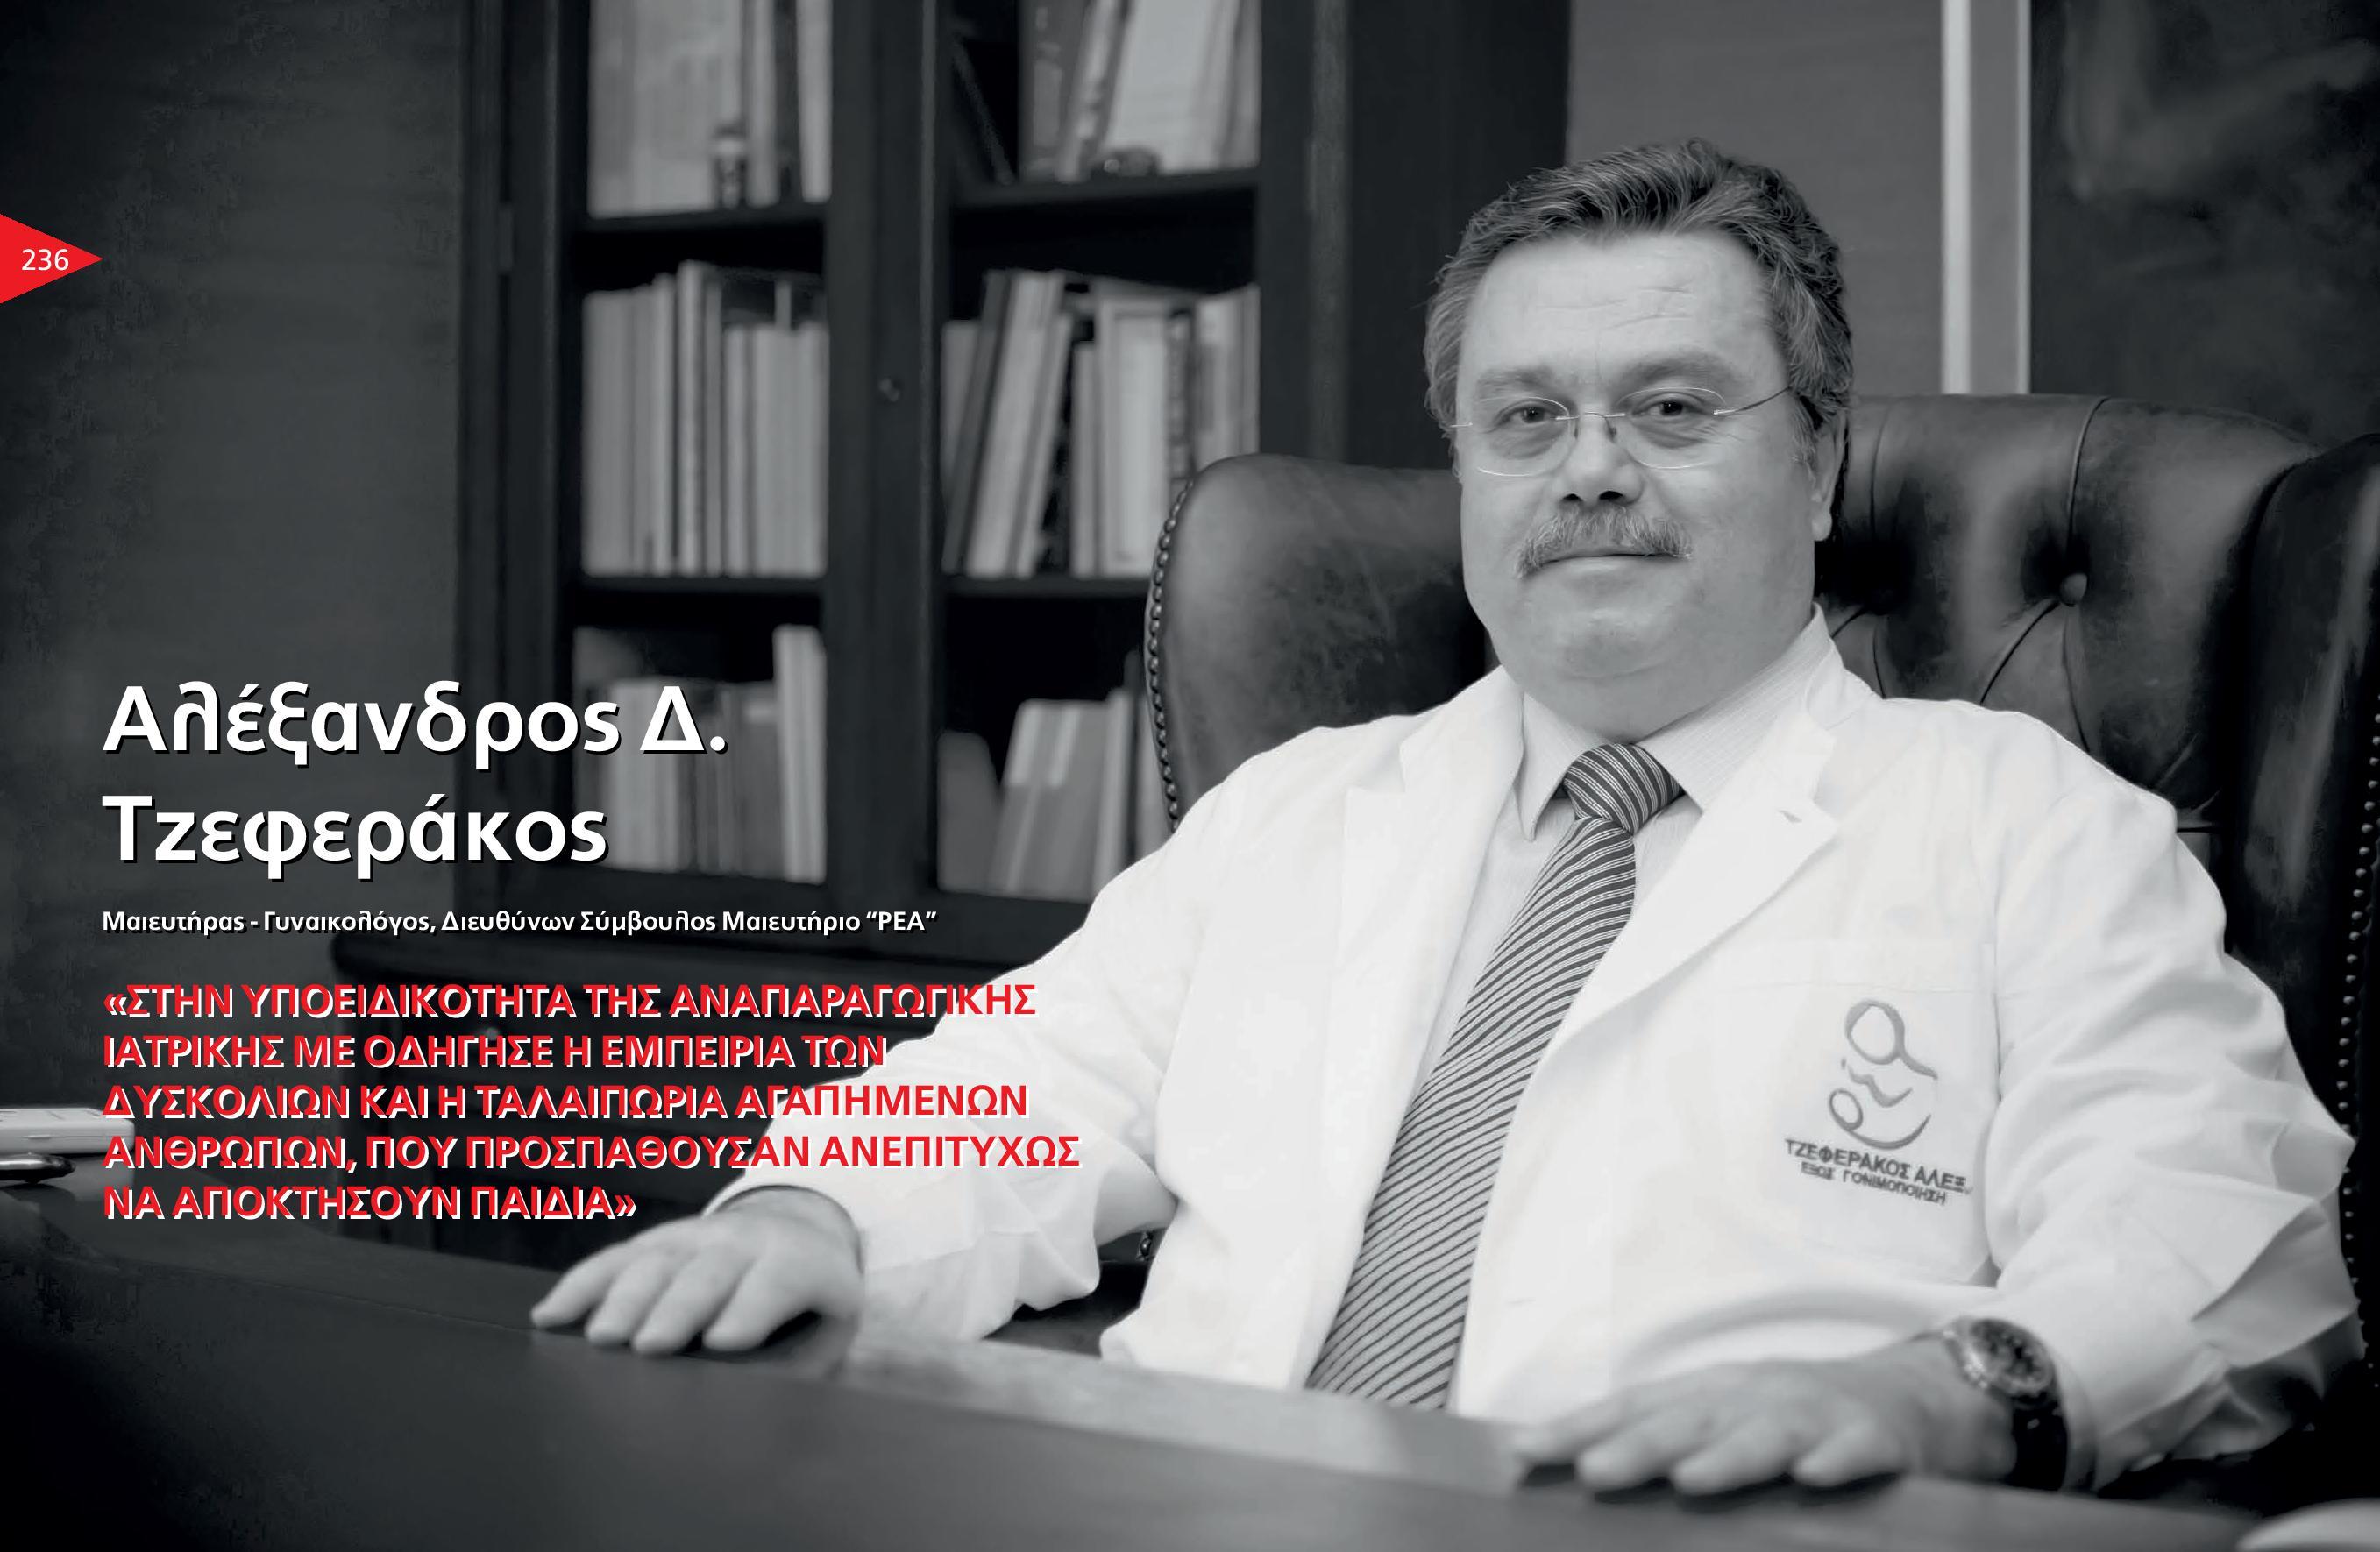 MDSS3_TZEFERAKOS-page-001